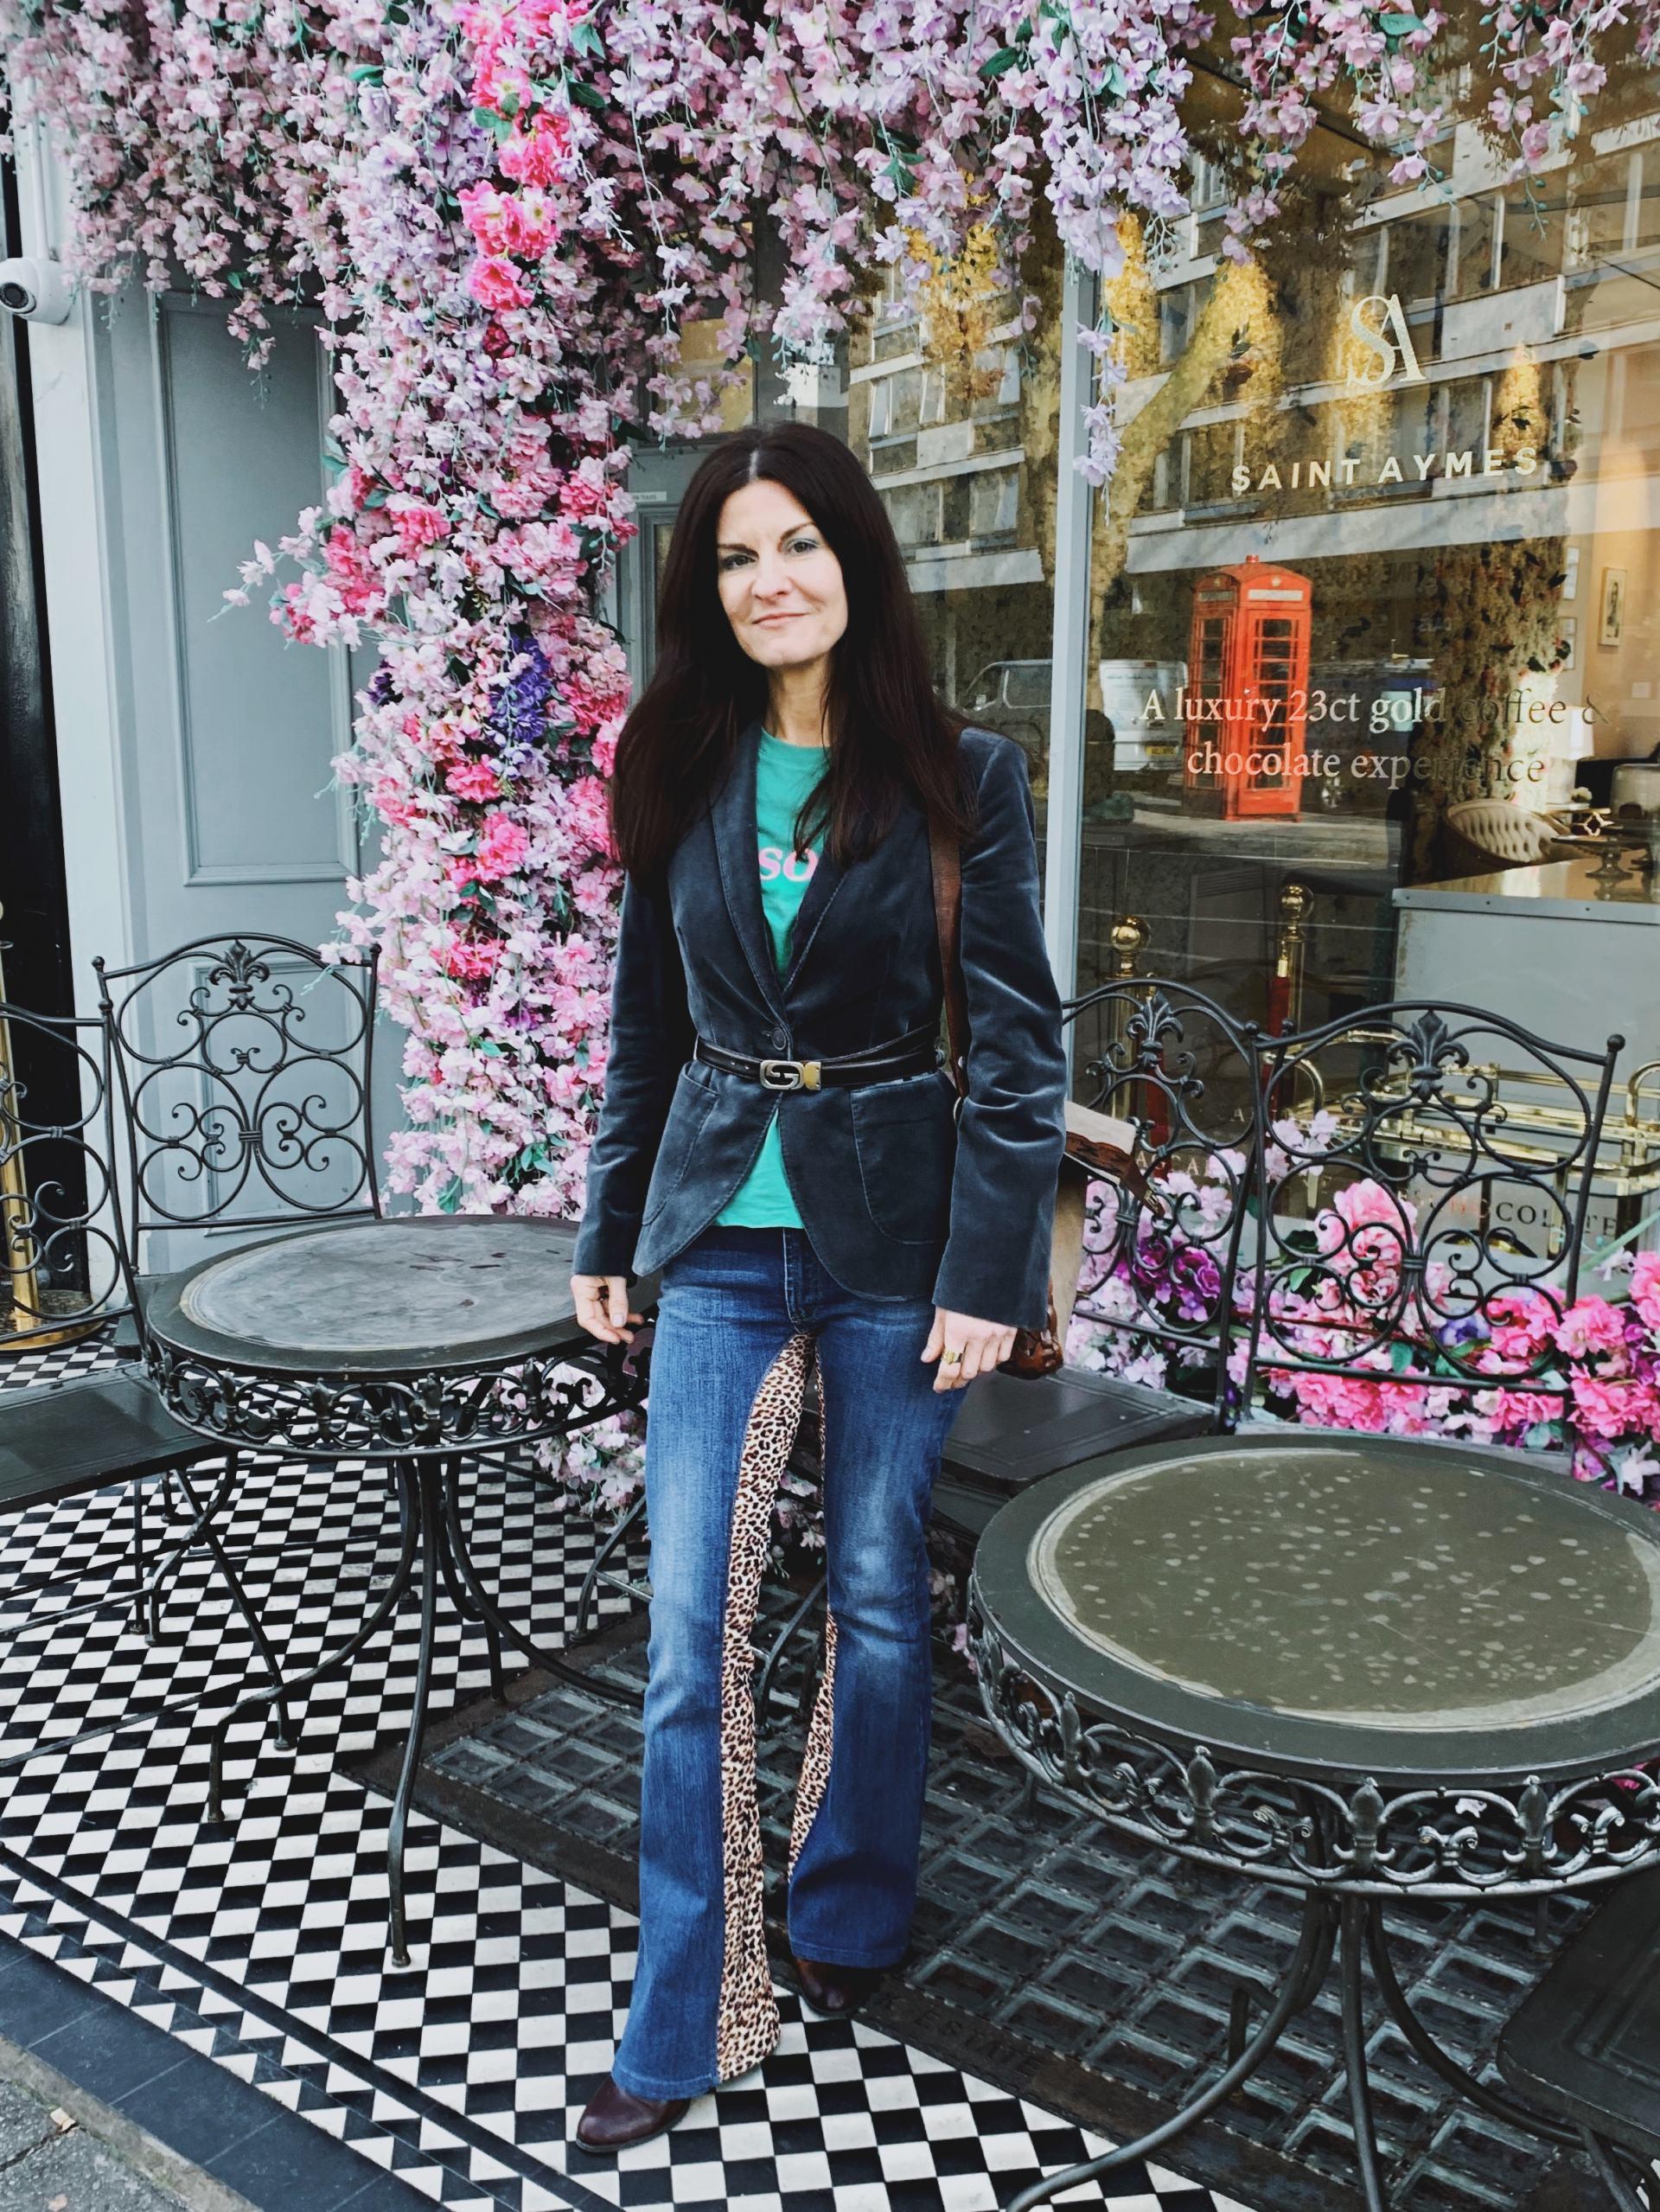 Natasha Grays of Graysey London